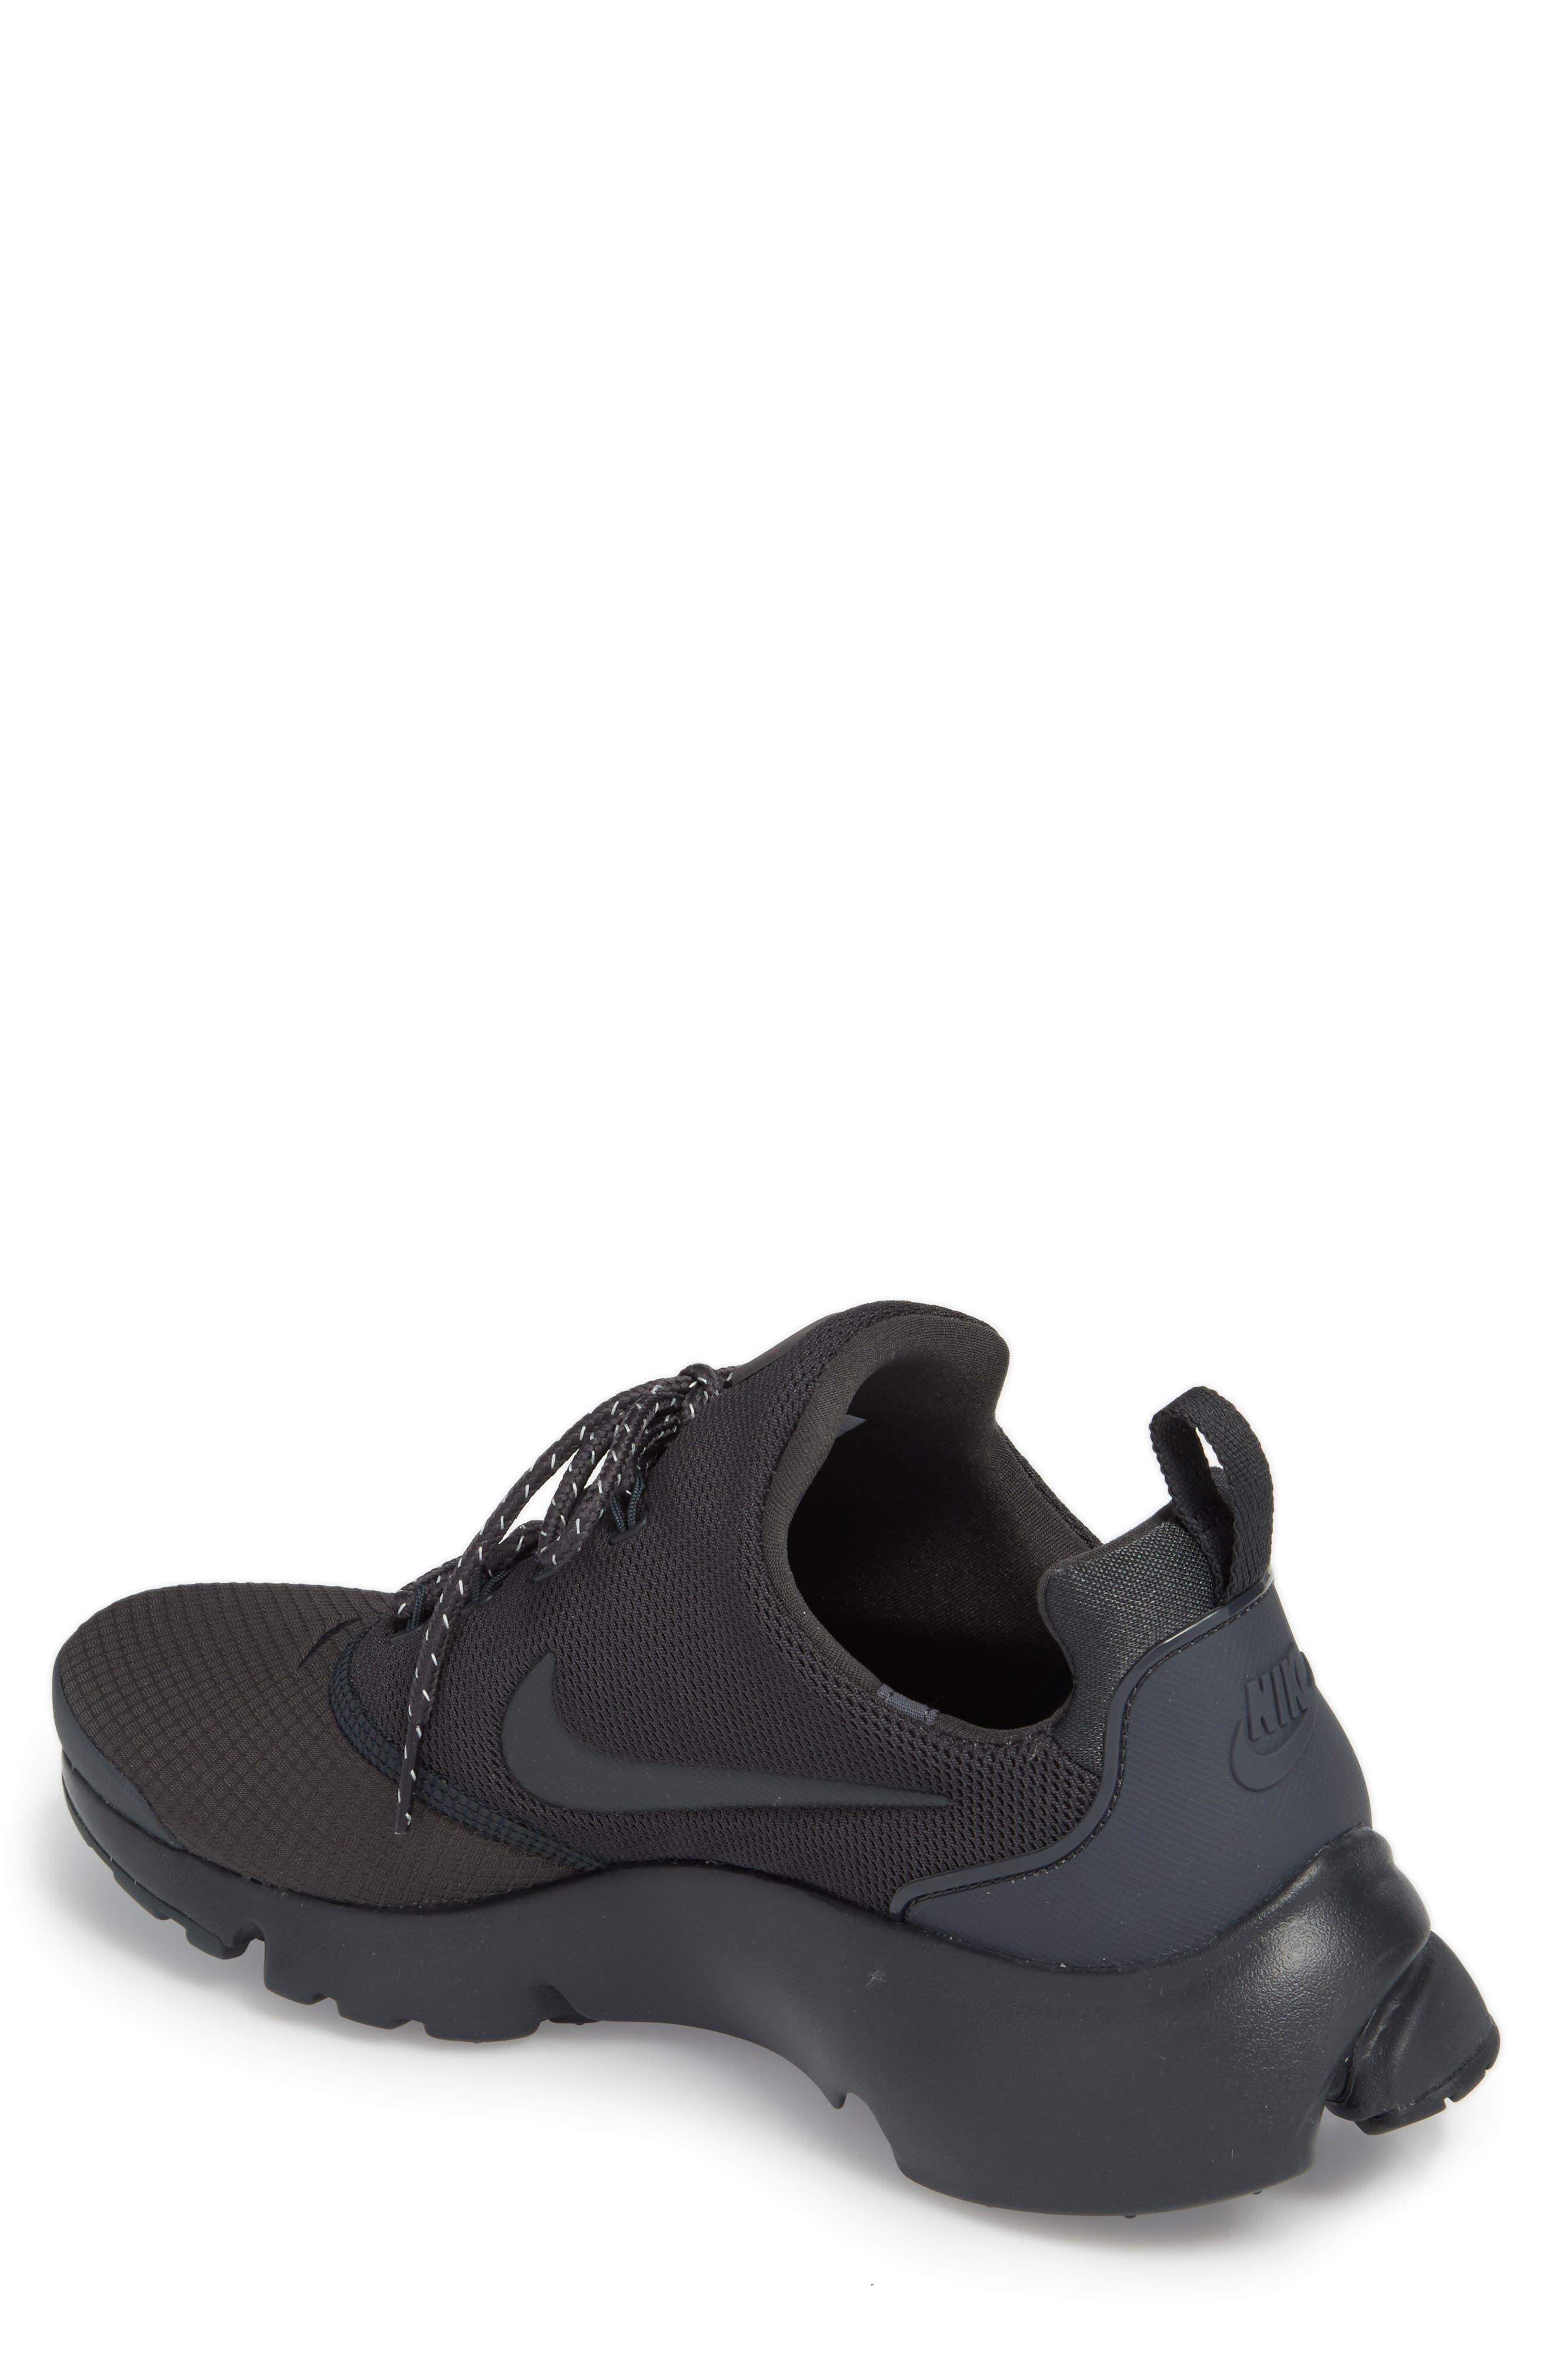 Presto Fly SE Sneaker,                             Alternate thumbnail 4, color,